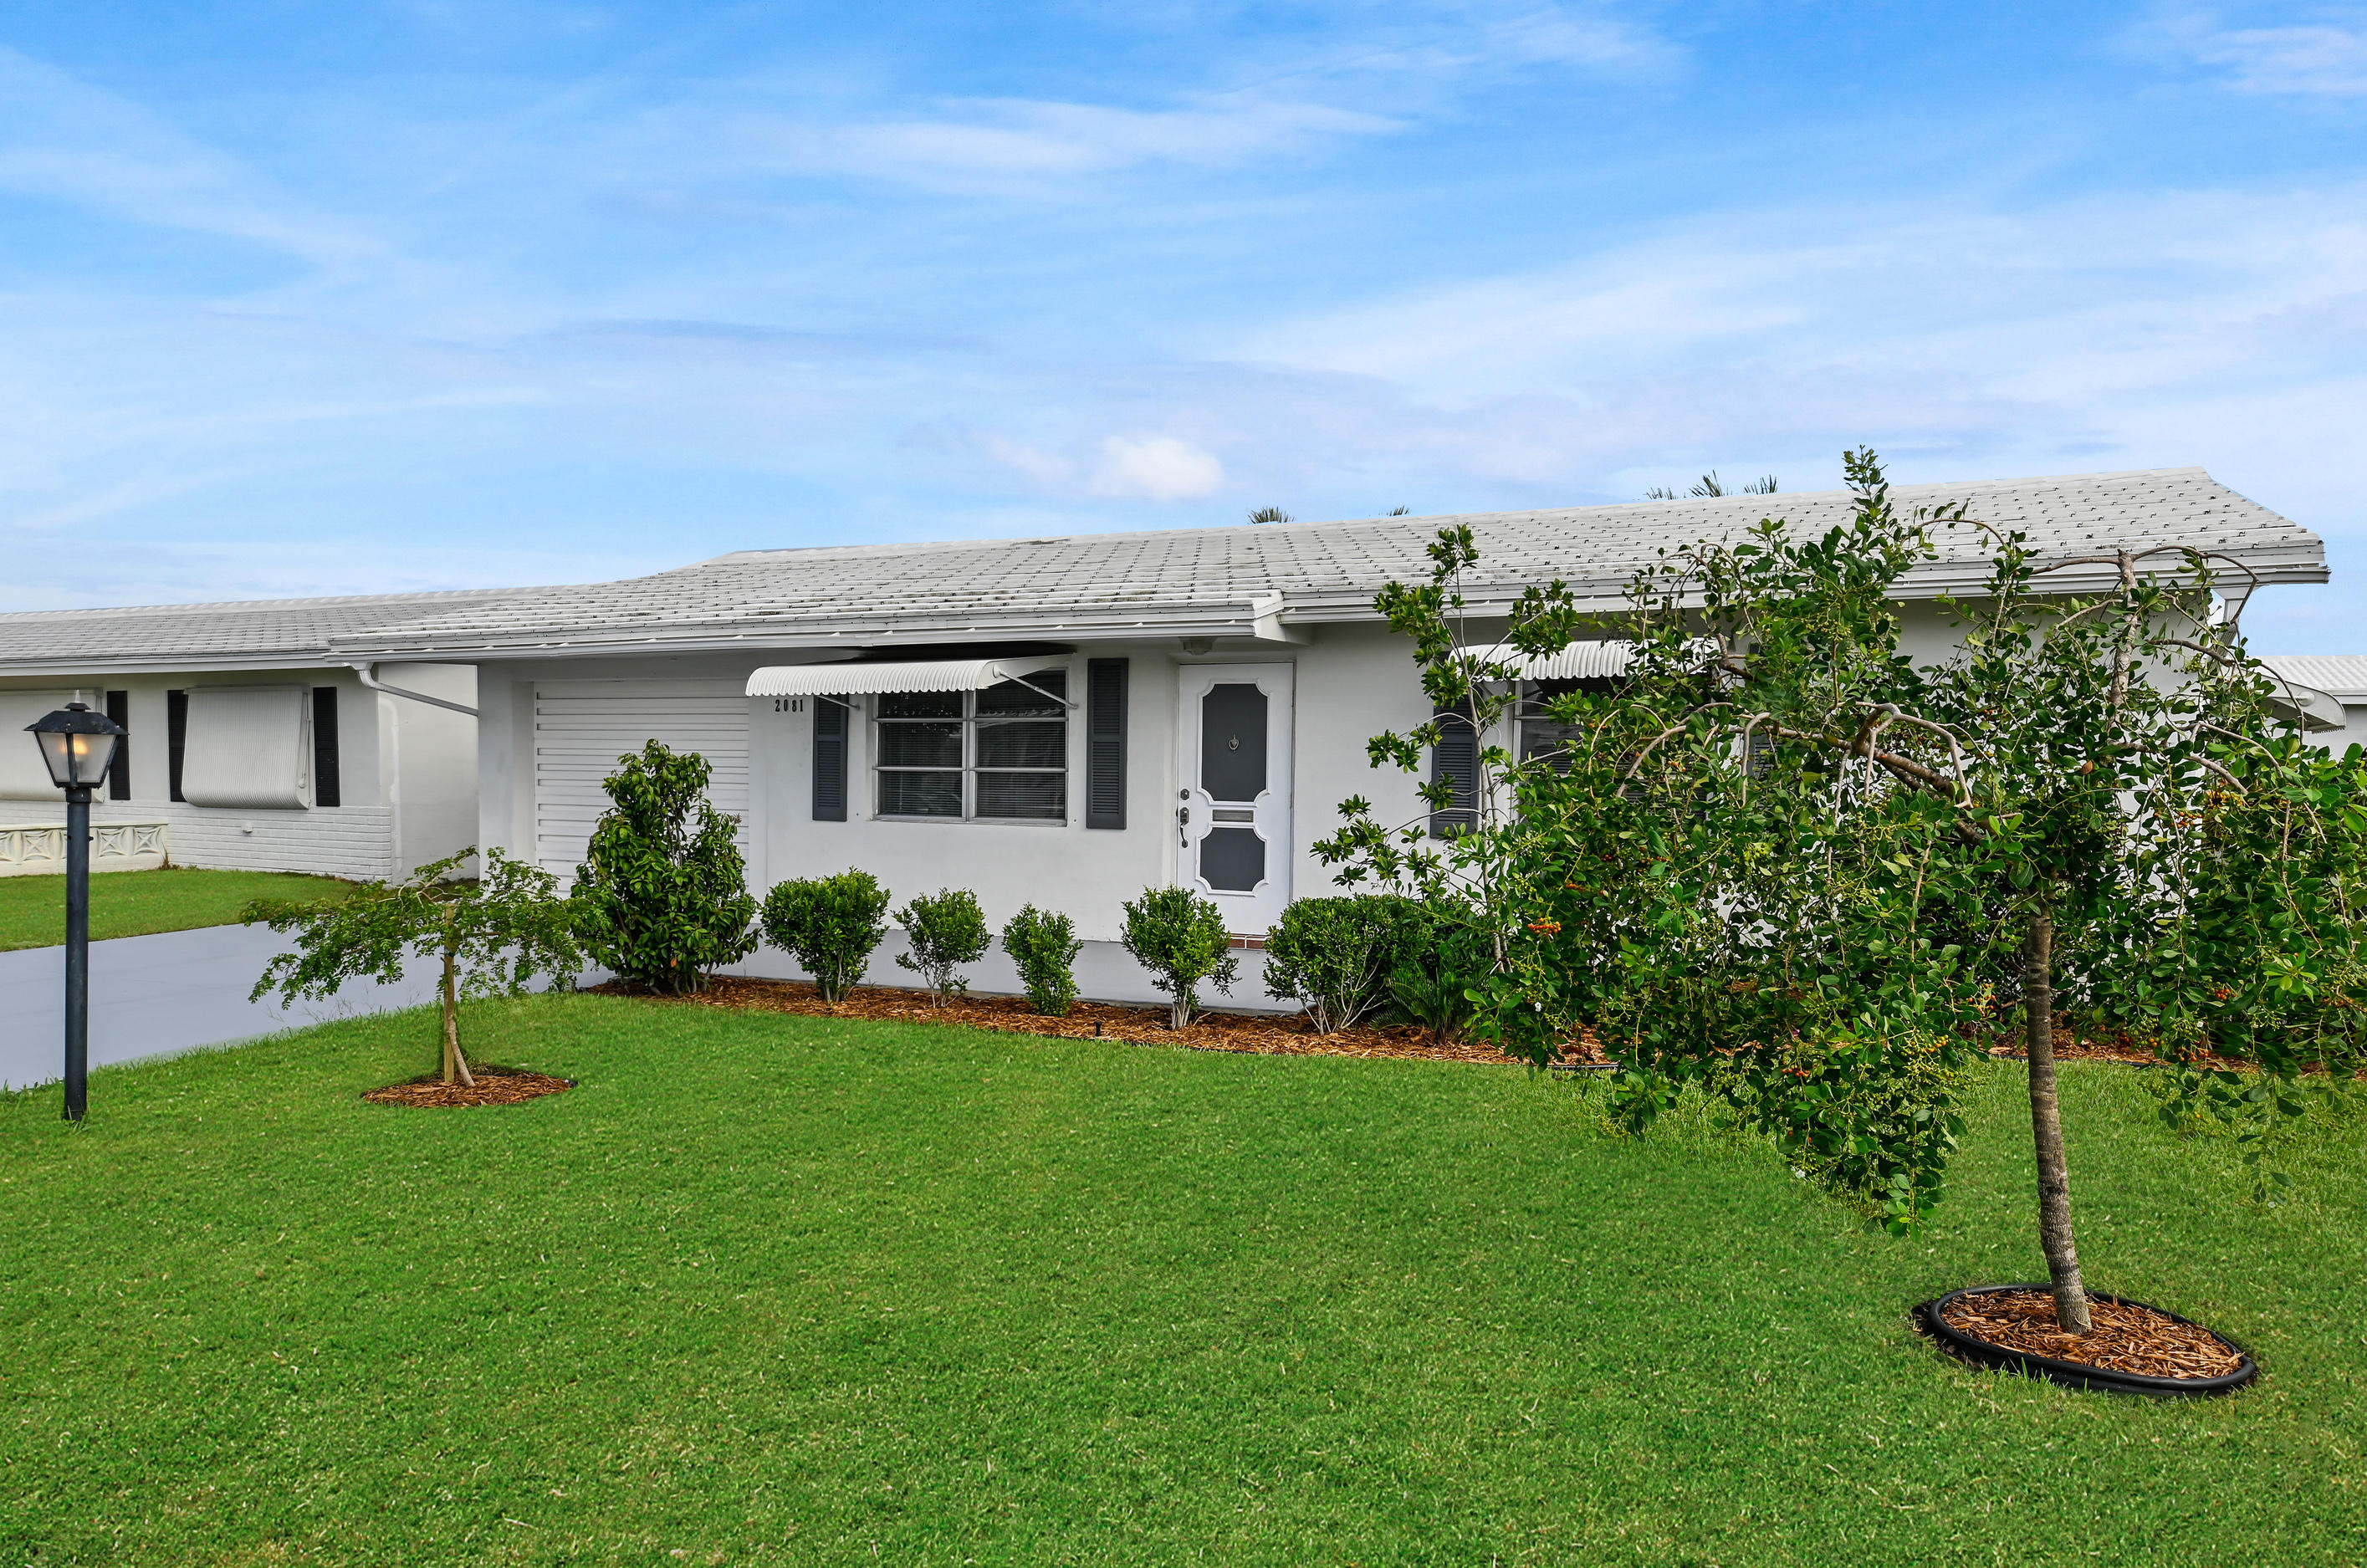 2081 Sw 14th Avenue, Boynton Beach, FL 33426